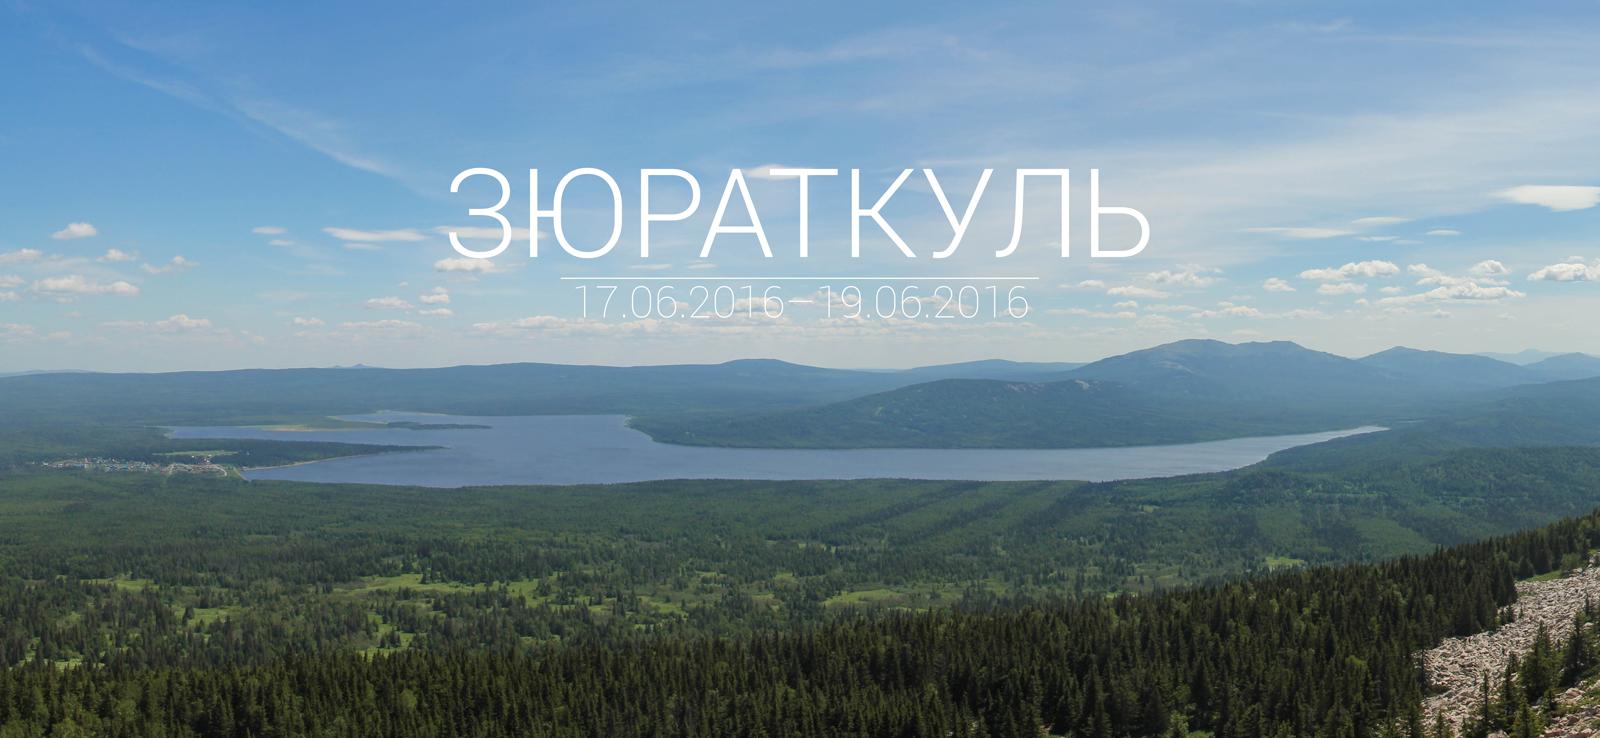 Башкортостан — Авантюра